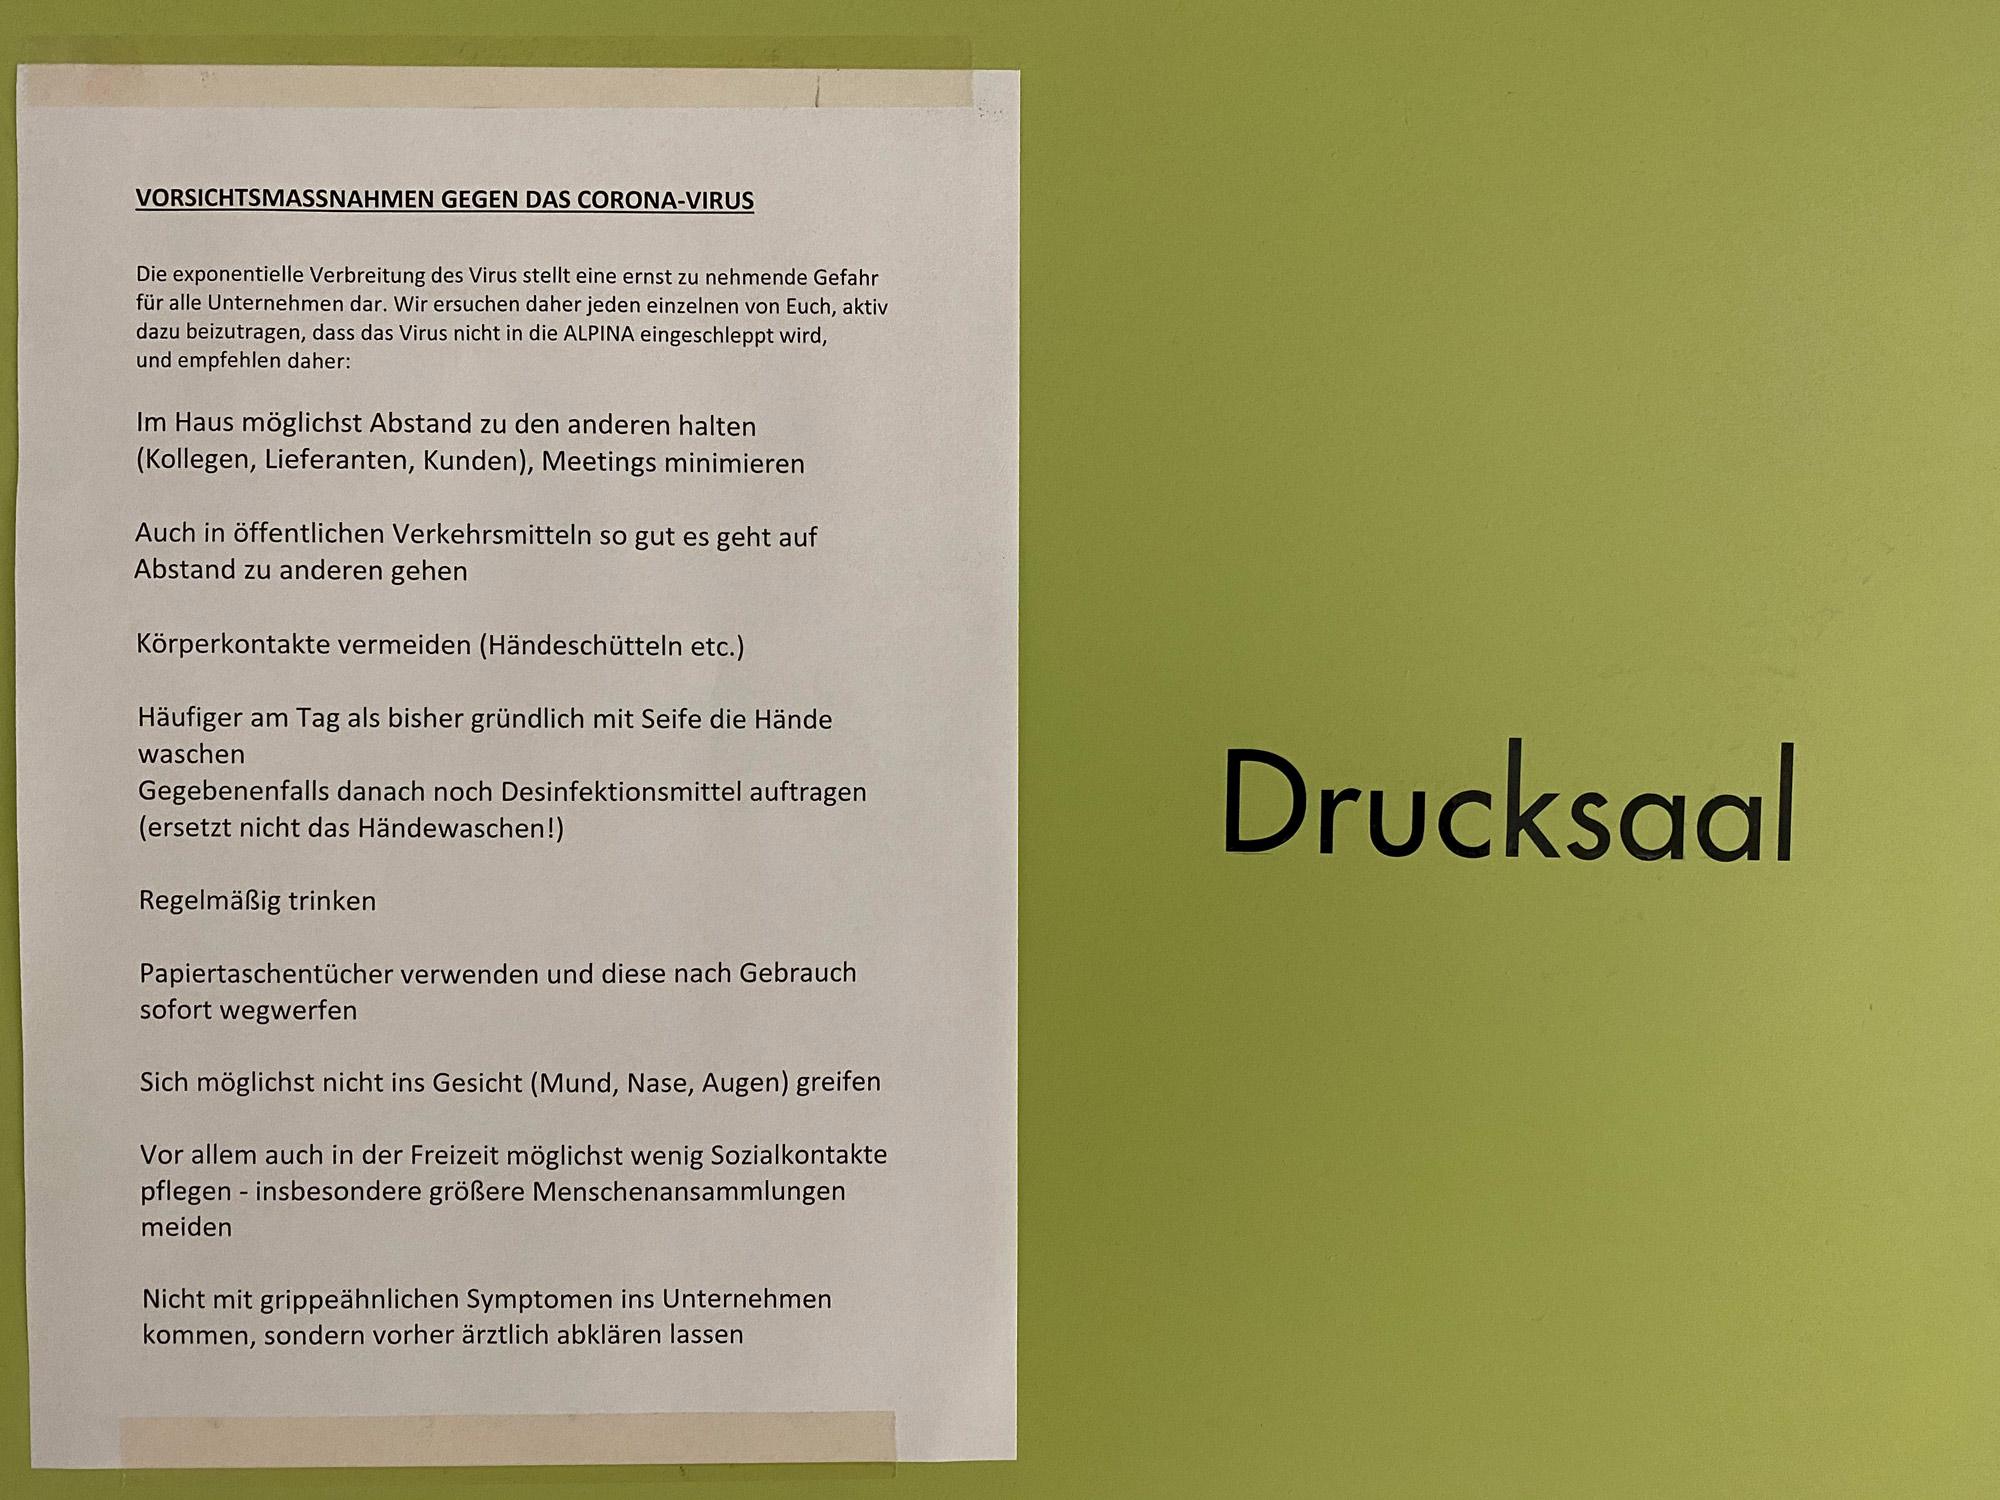 Druckraum argonaut.pro I bergundsteigen.blog